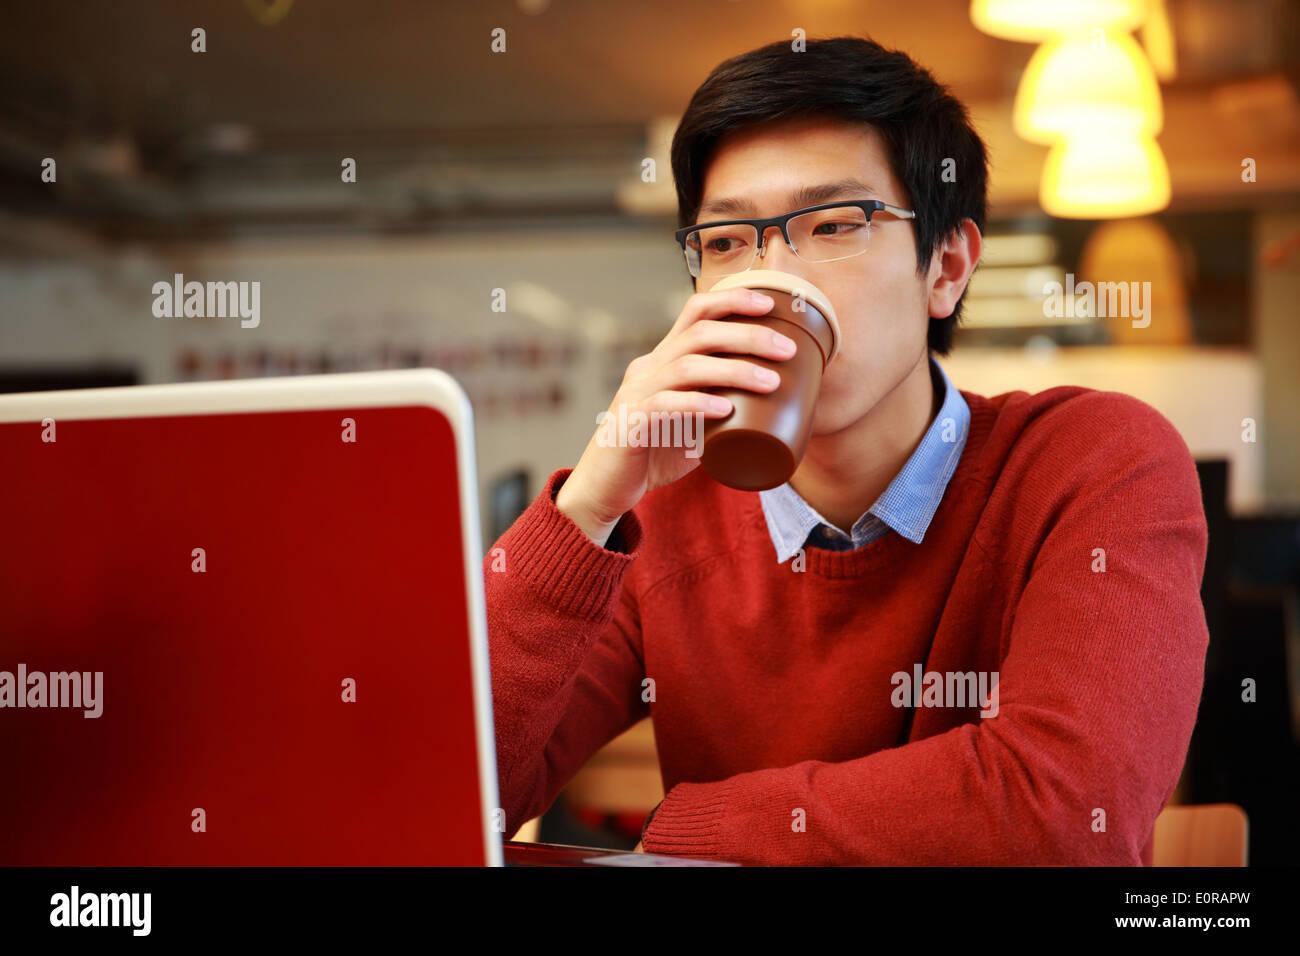 Junge asiatische Mann am Laptop arbeiten und Kaffee trinken Stockbild